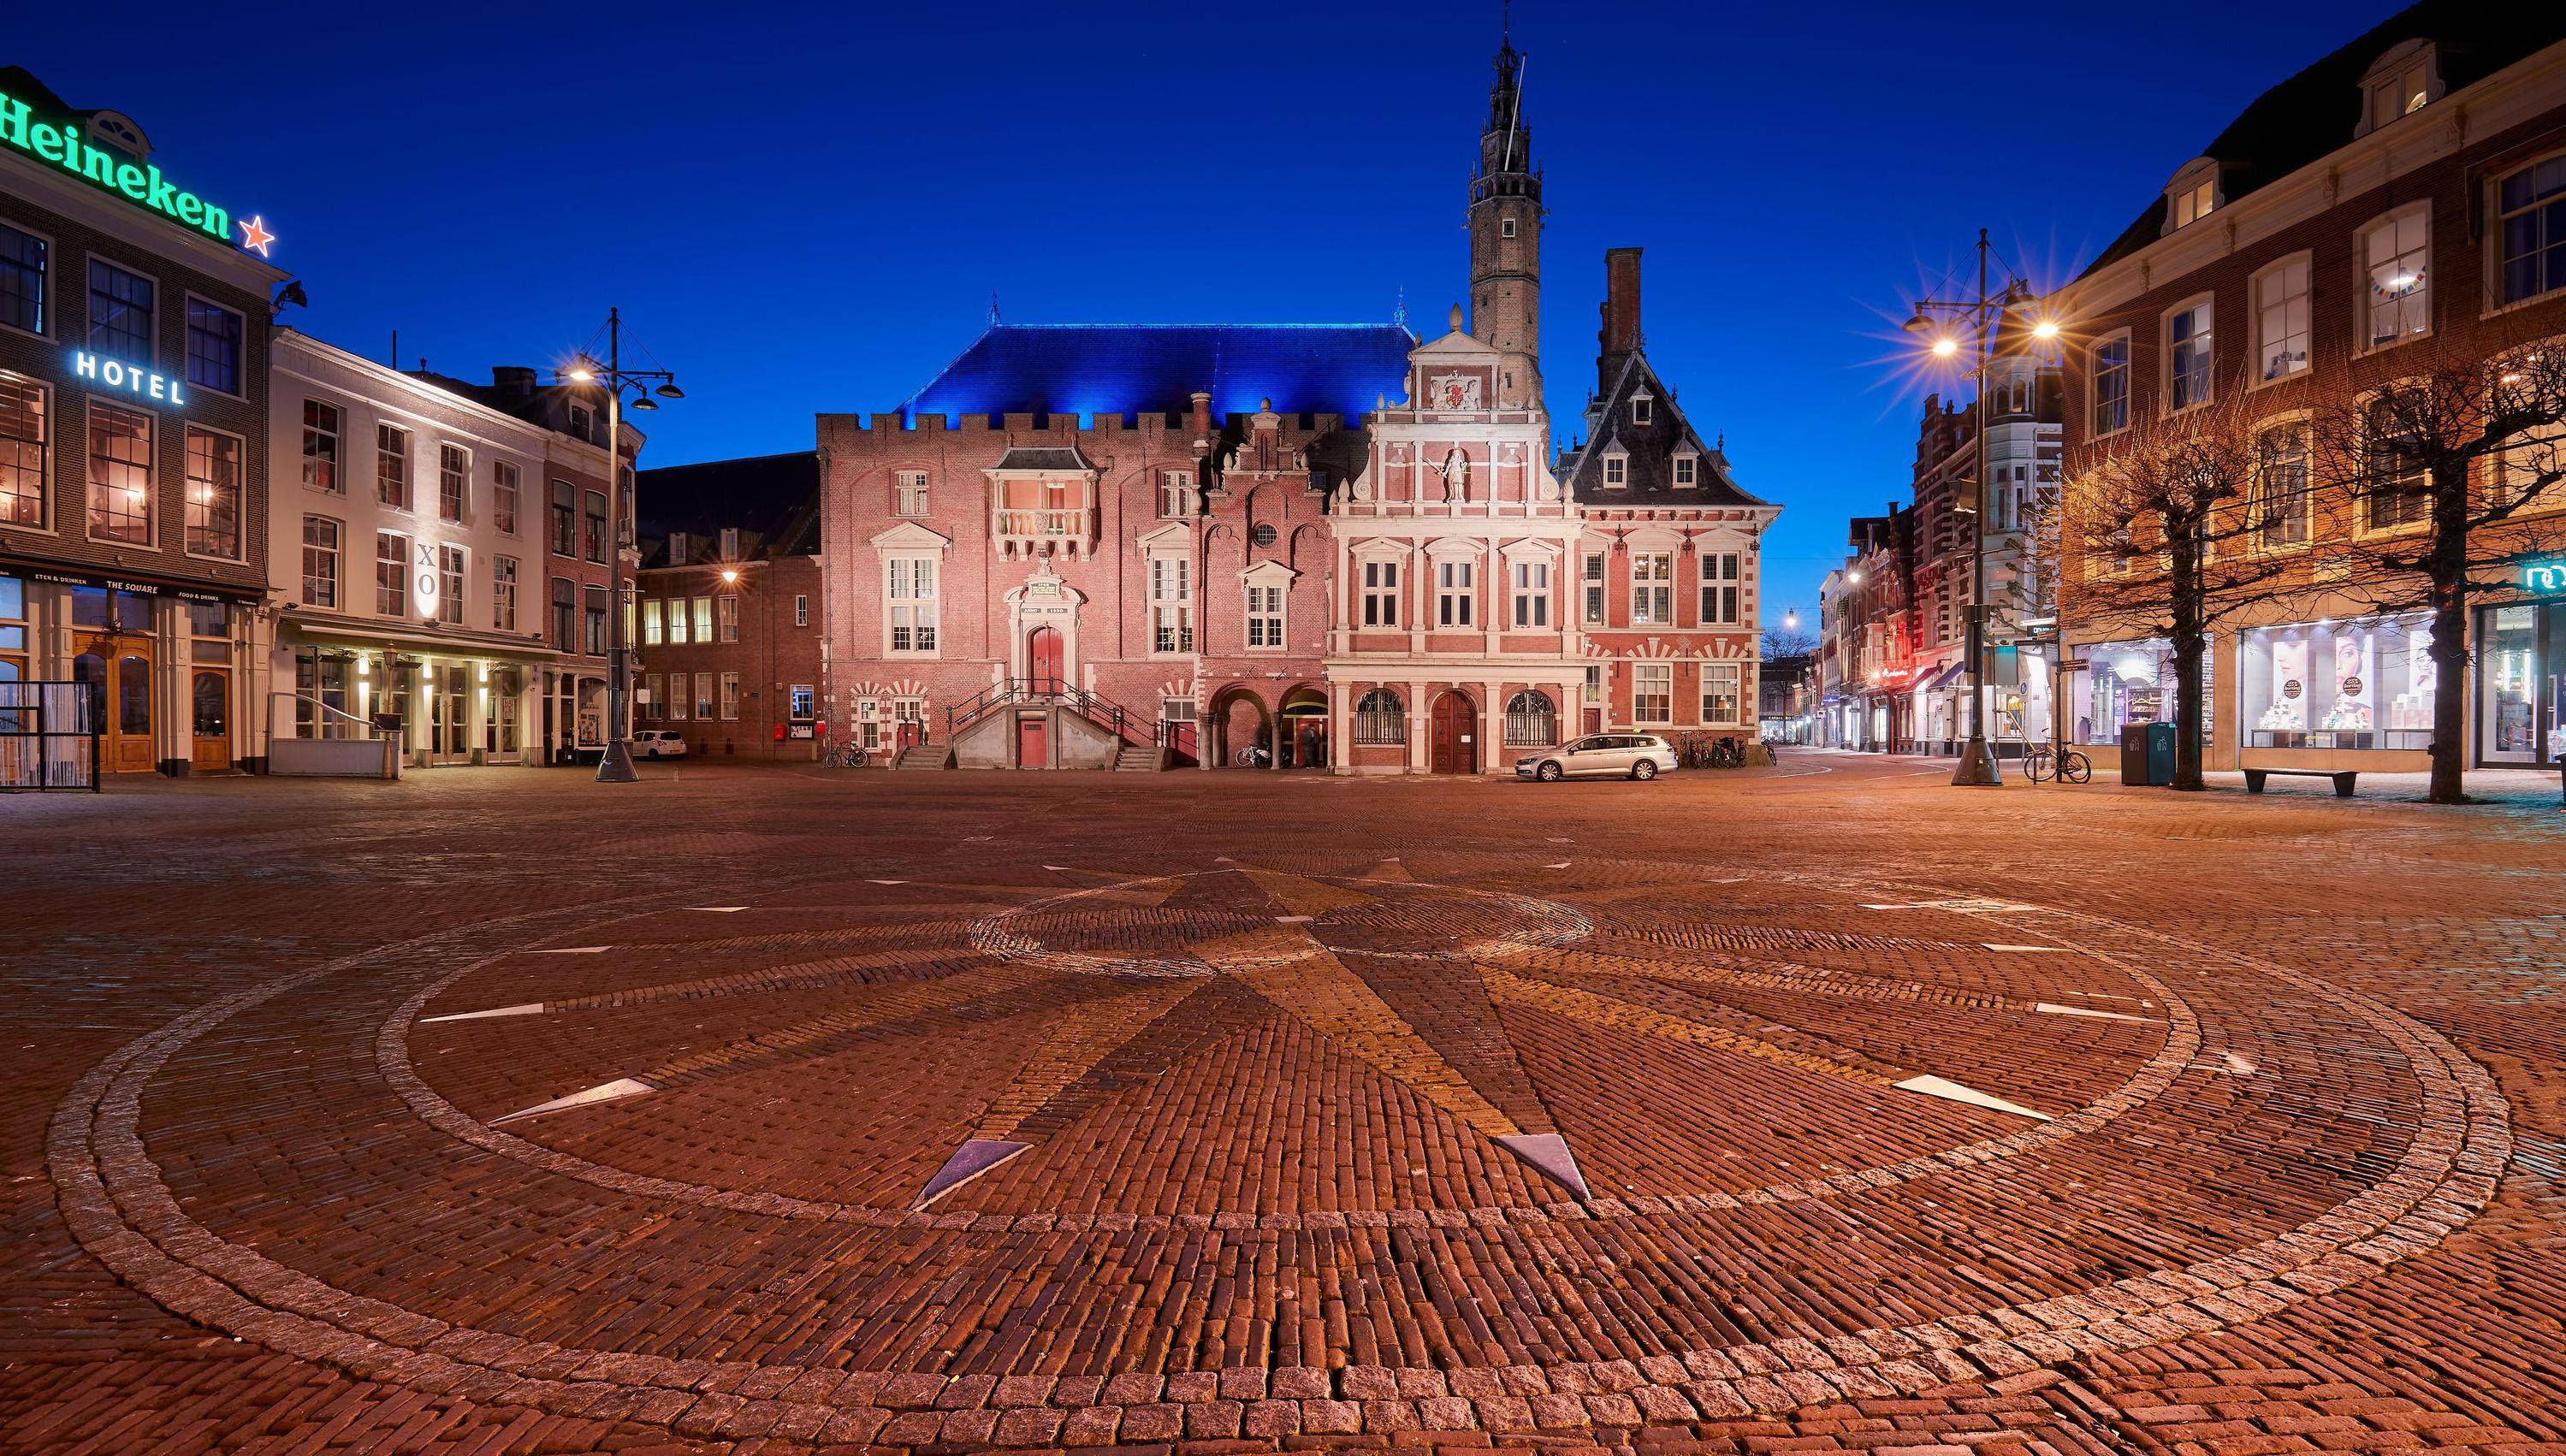 Fotograaf Harro Jansz brengt derde jaarkalender uit met zijn mooiste afbeeldingen van Haarlem: 'Bizar moment op lege Grote Markt tijdens lockdown'